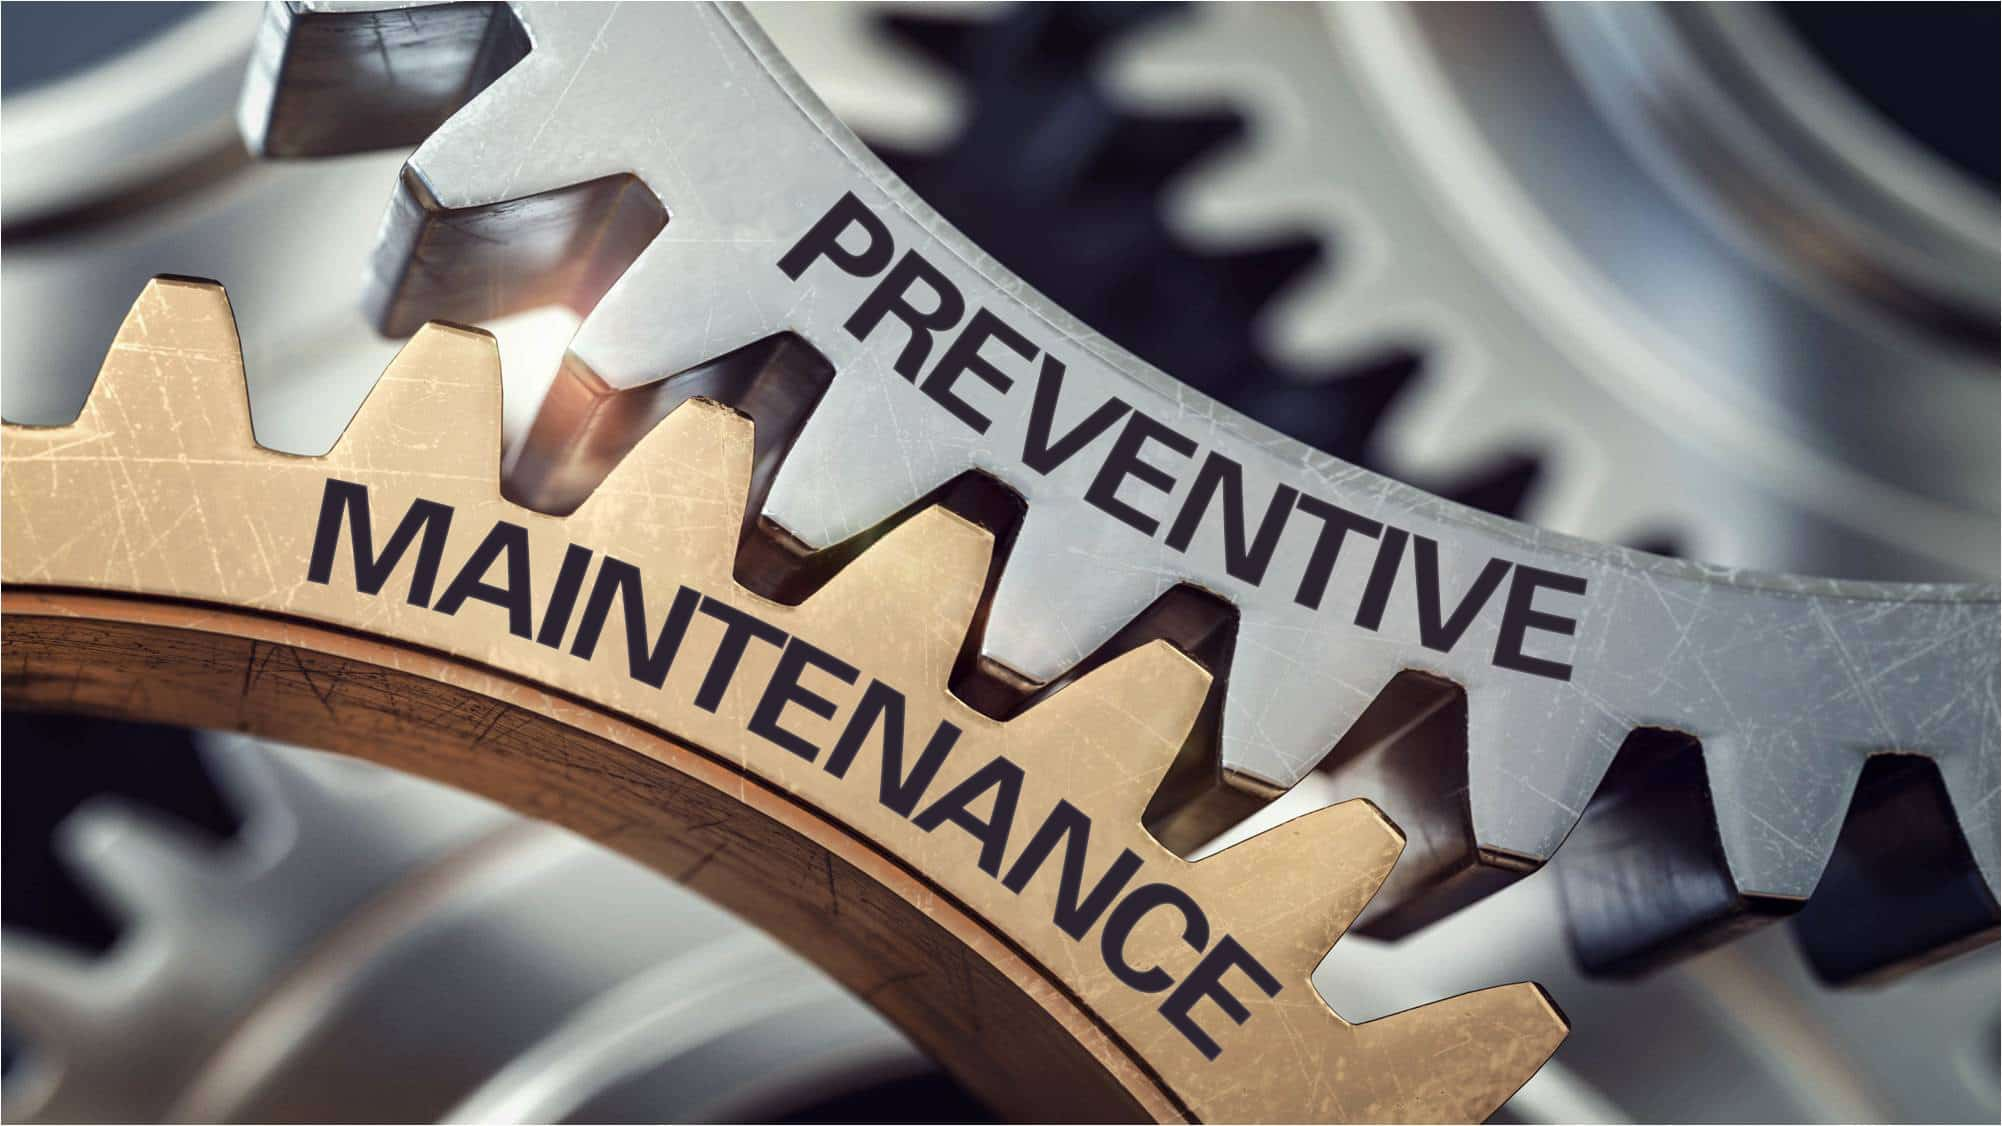 Tipos de Manutenção: Conheça os tipos de manutenção industrial e quais utilizar